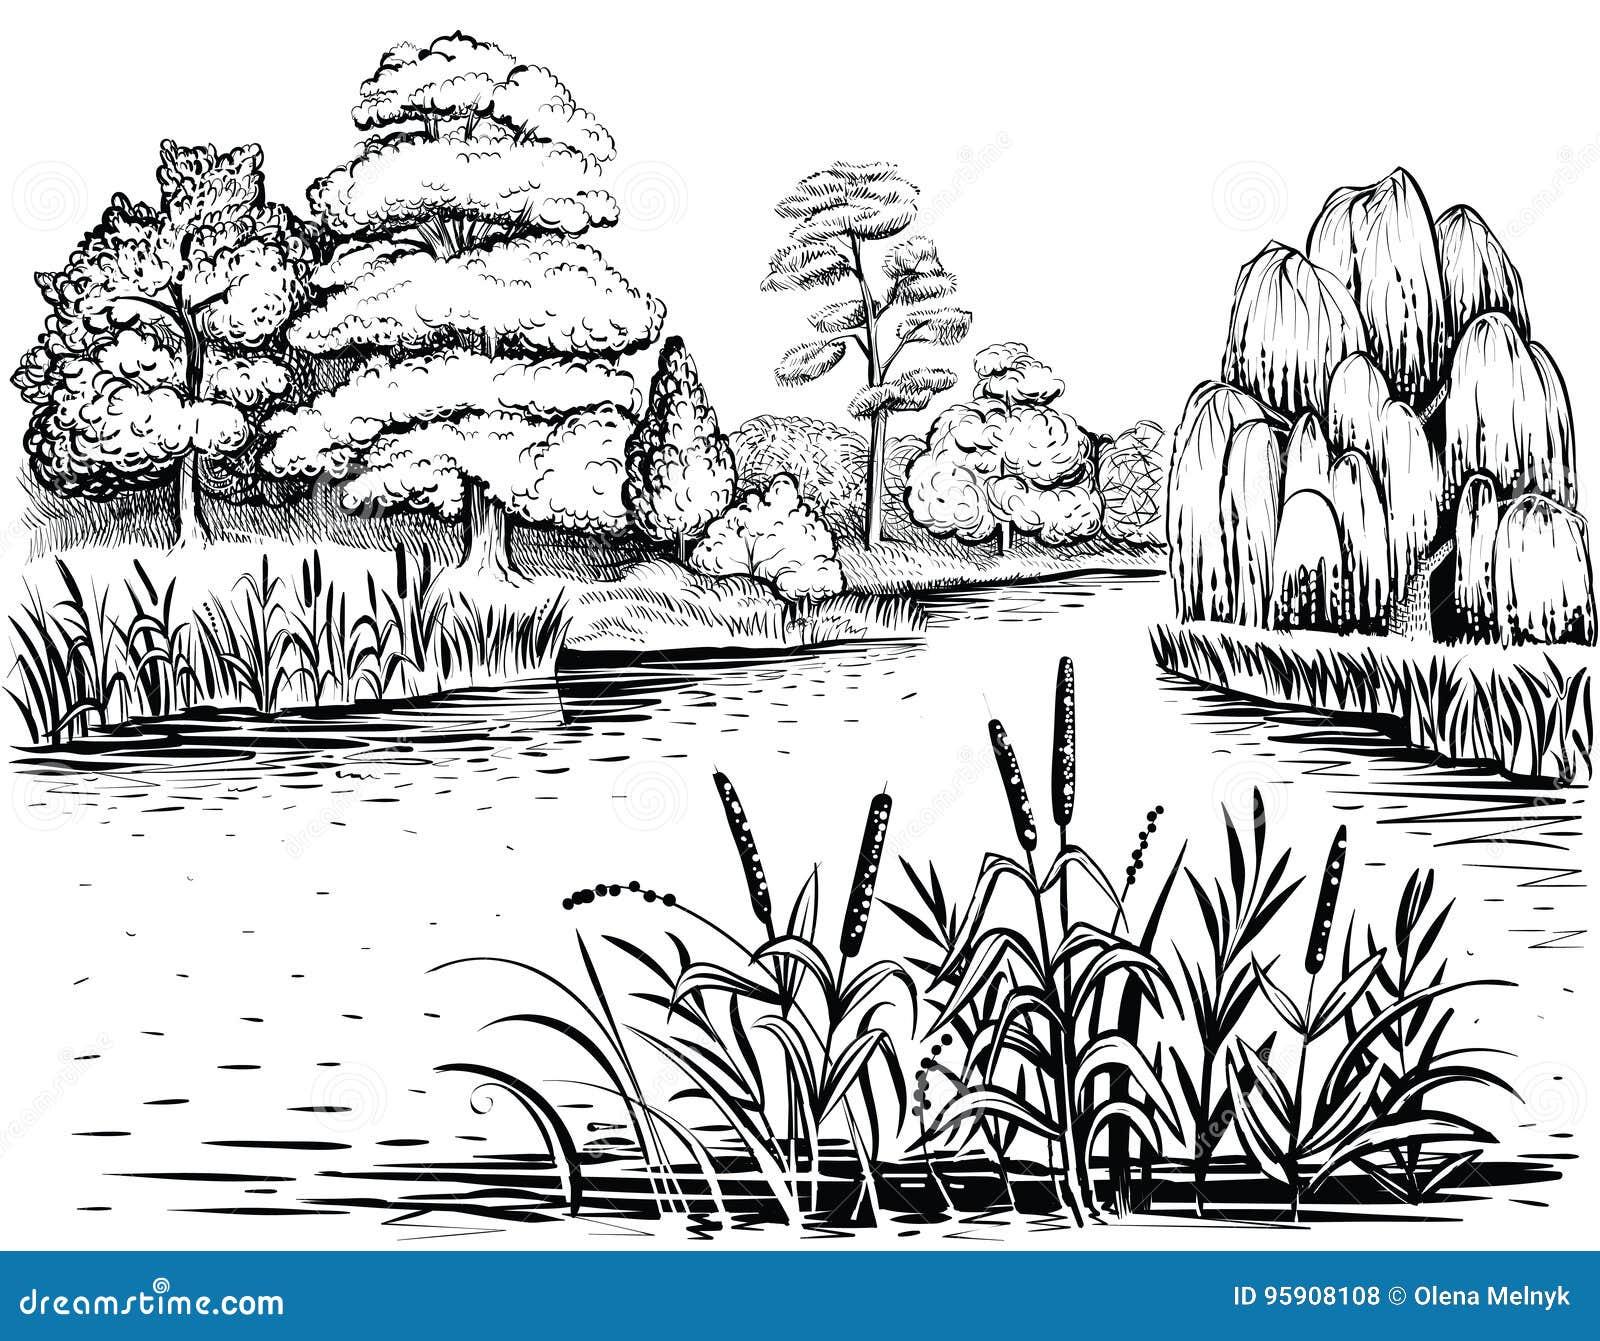 Paisagem Do Vetor Do Rio Com Arvores E Estacoes De Tratamento De